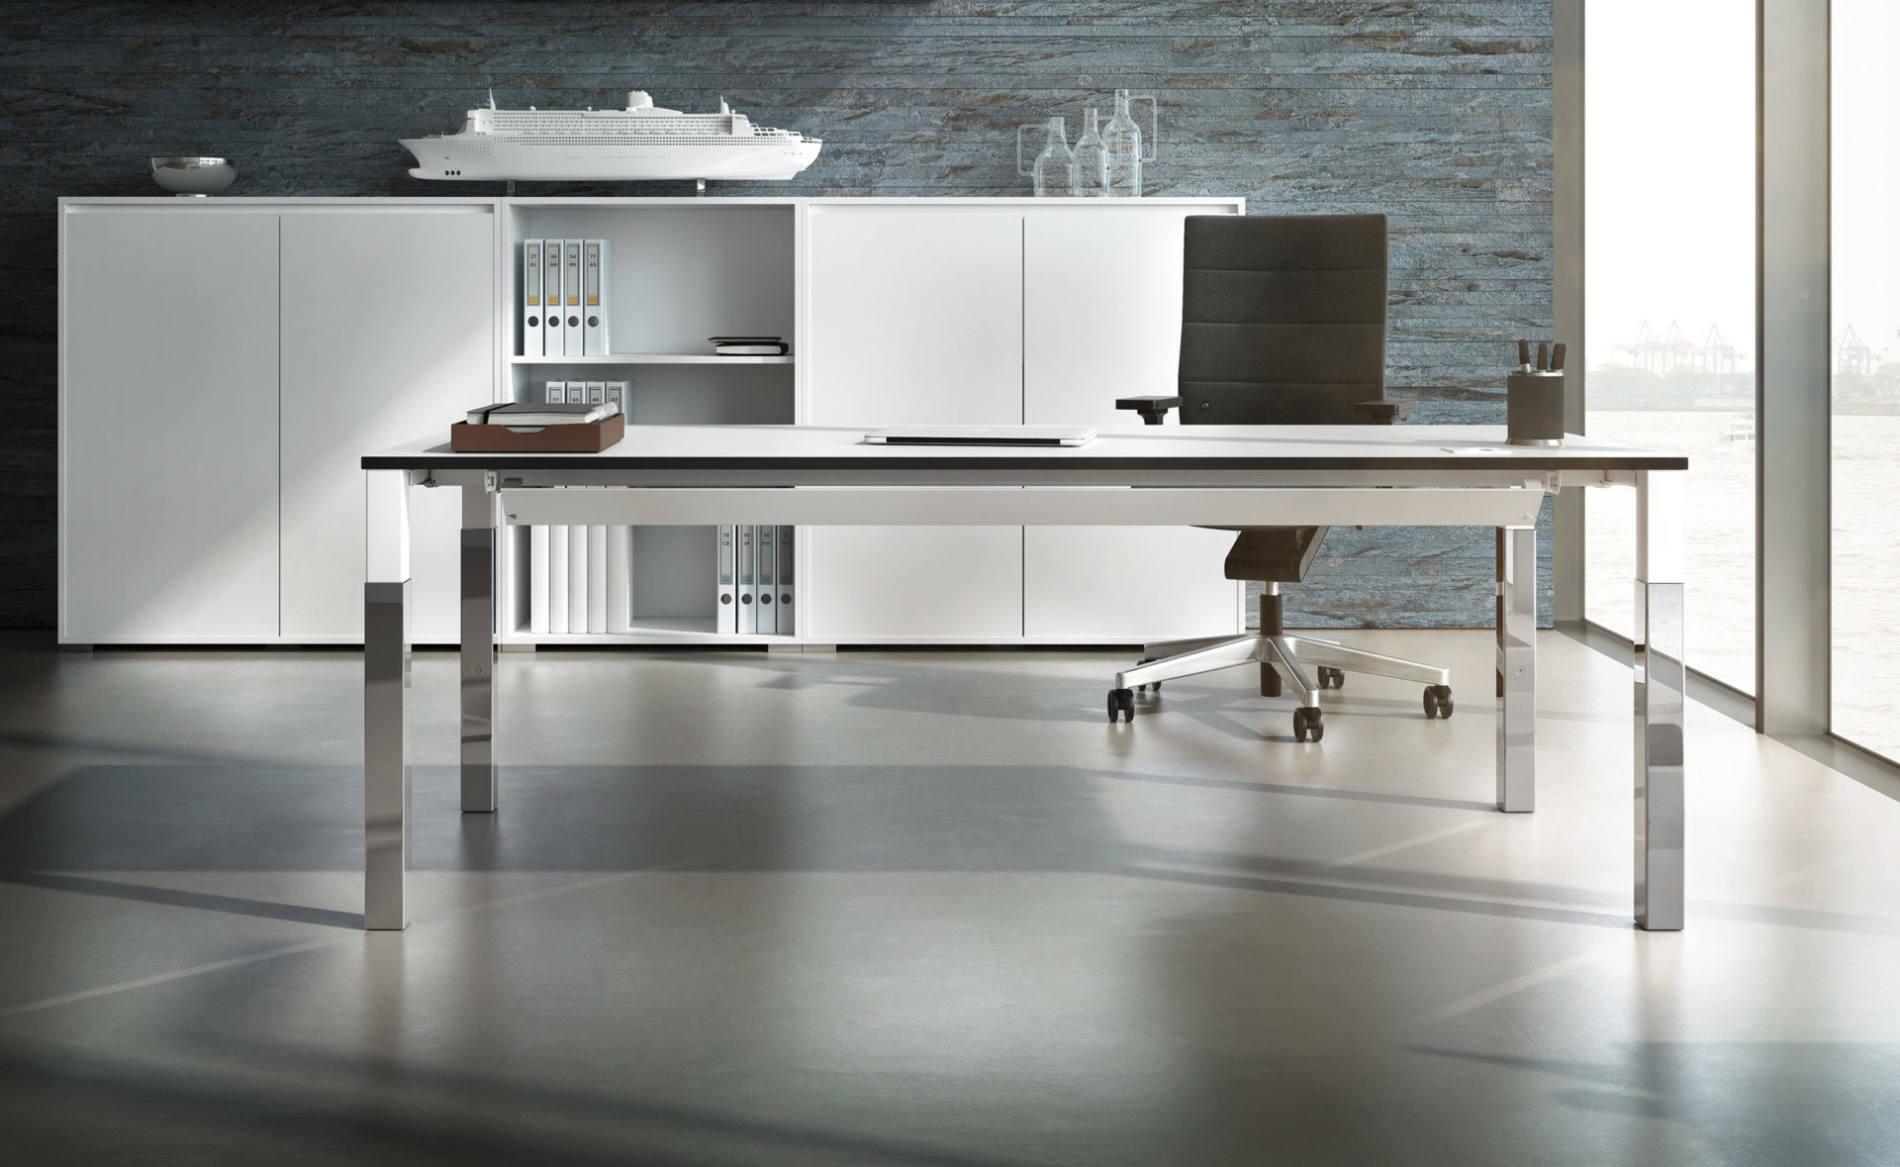 Schreibtisch, Einzelarbeitsplatz, Palmberg, Systotec, 4-Fuß-Tisch, Quadratrohr, Chefarbeitsplatz, Select, Schrank, Hängeregal, Hängeschrank